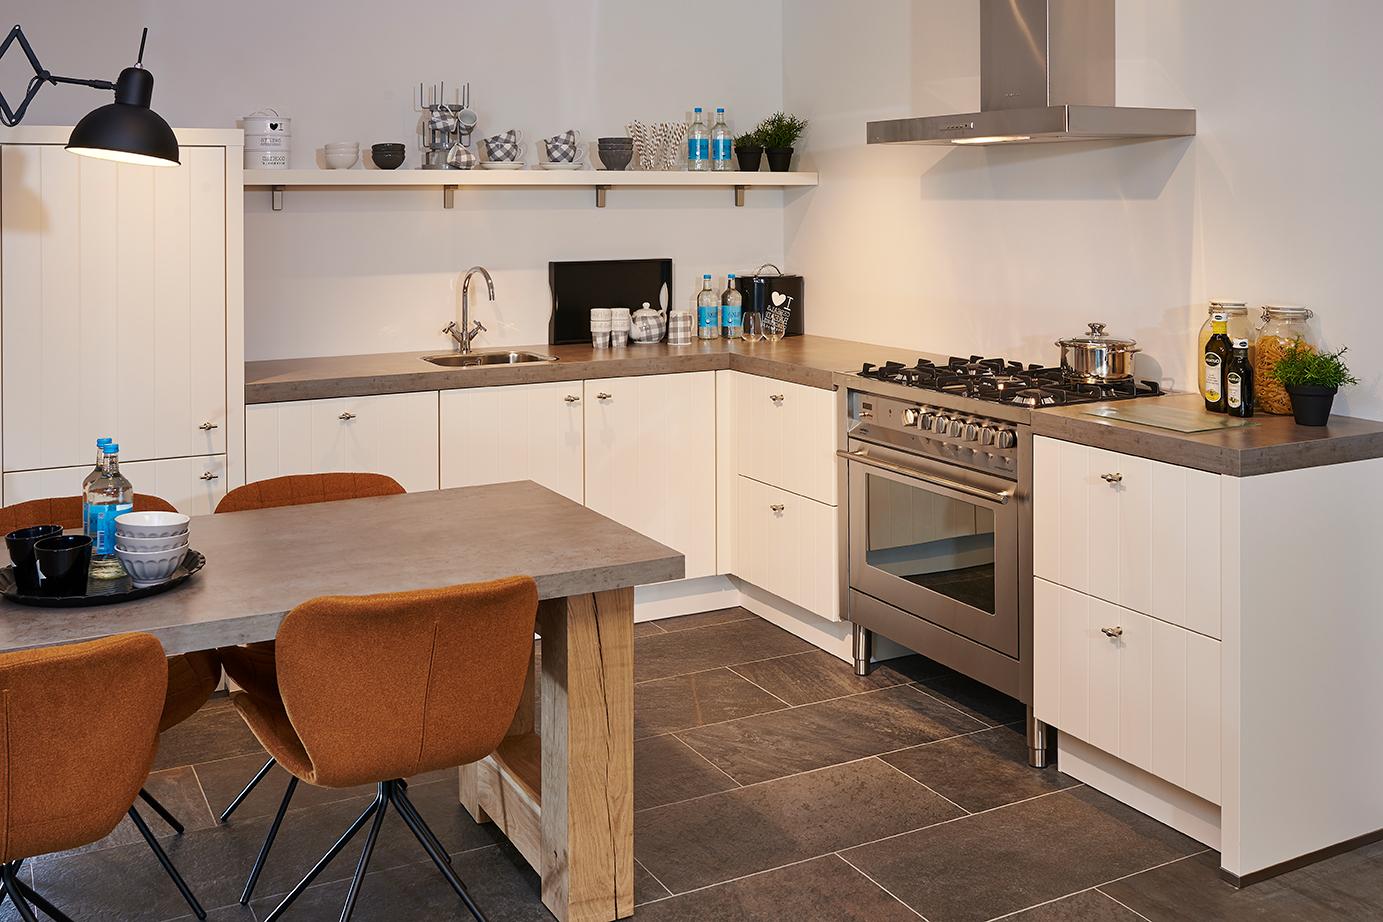 Zeer Kleine keuken: kookeiland of hoekkeuken? Bekijk de mogelijkheden  BY07